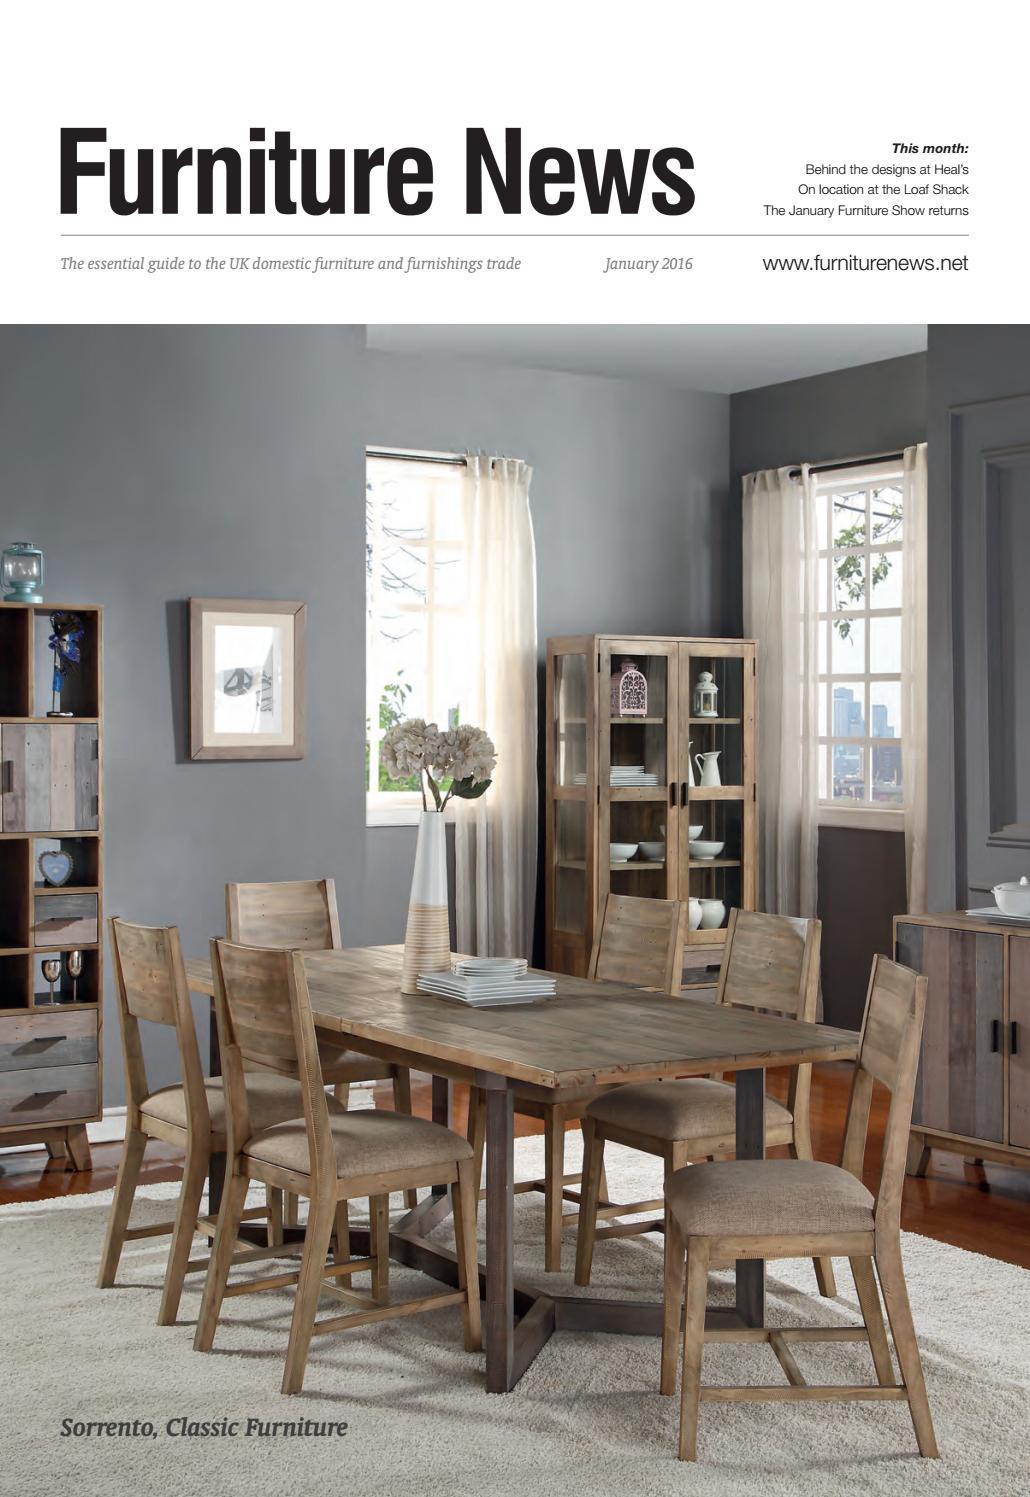 Issuu Gearing Furniture News322 By Media Group Ltd TFK1Jc3l